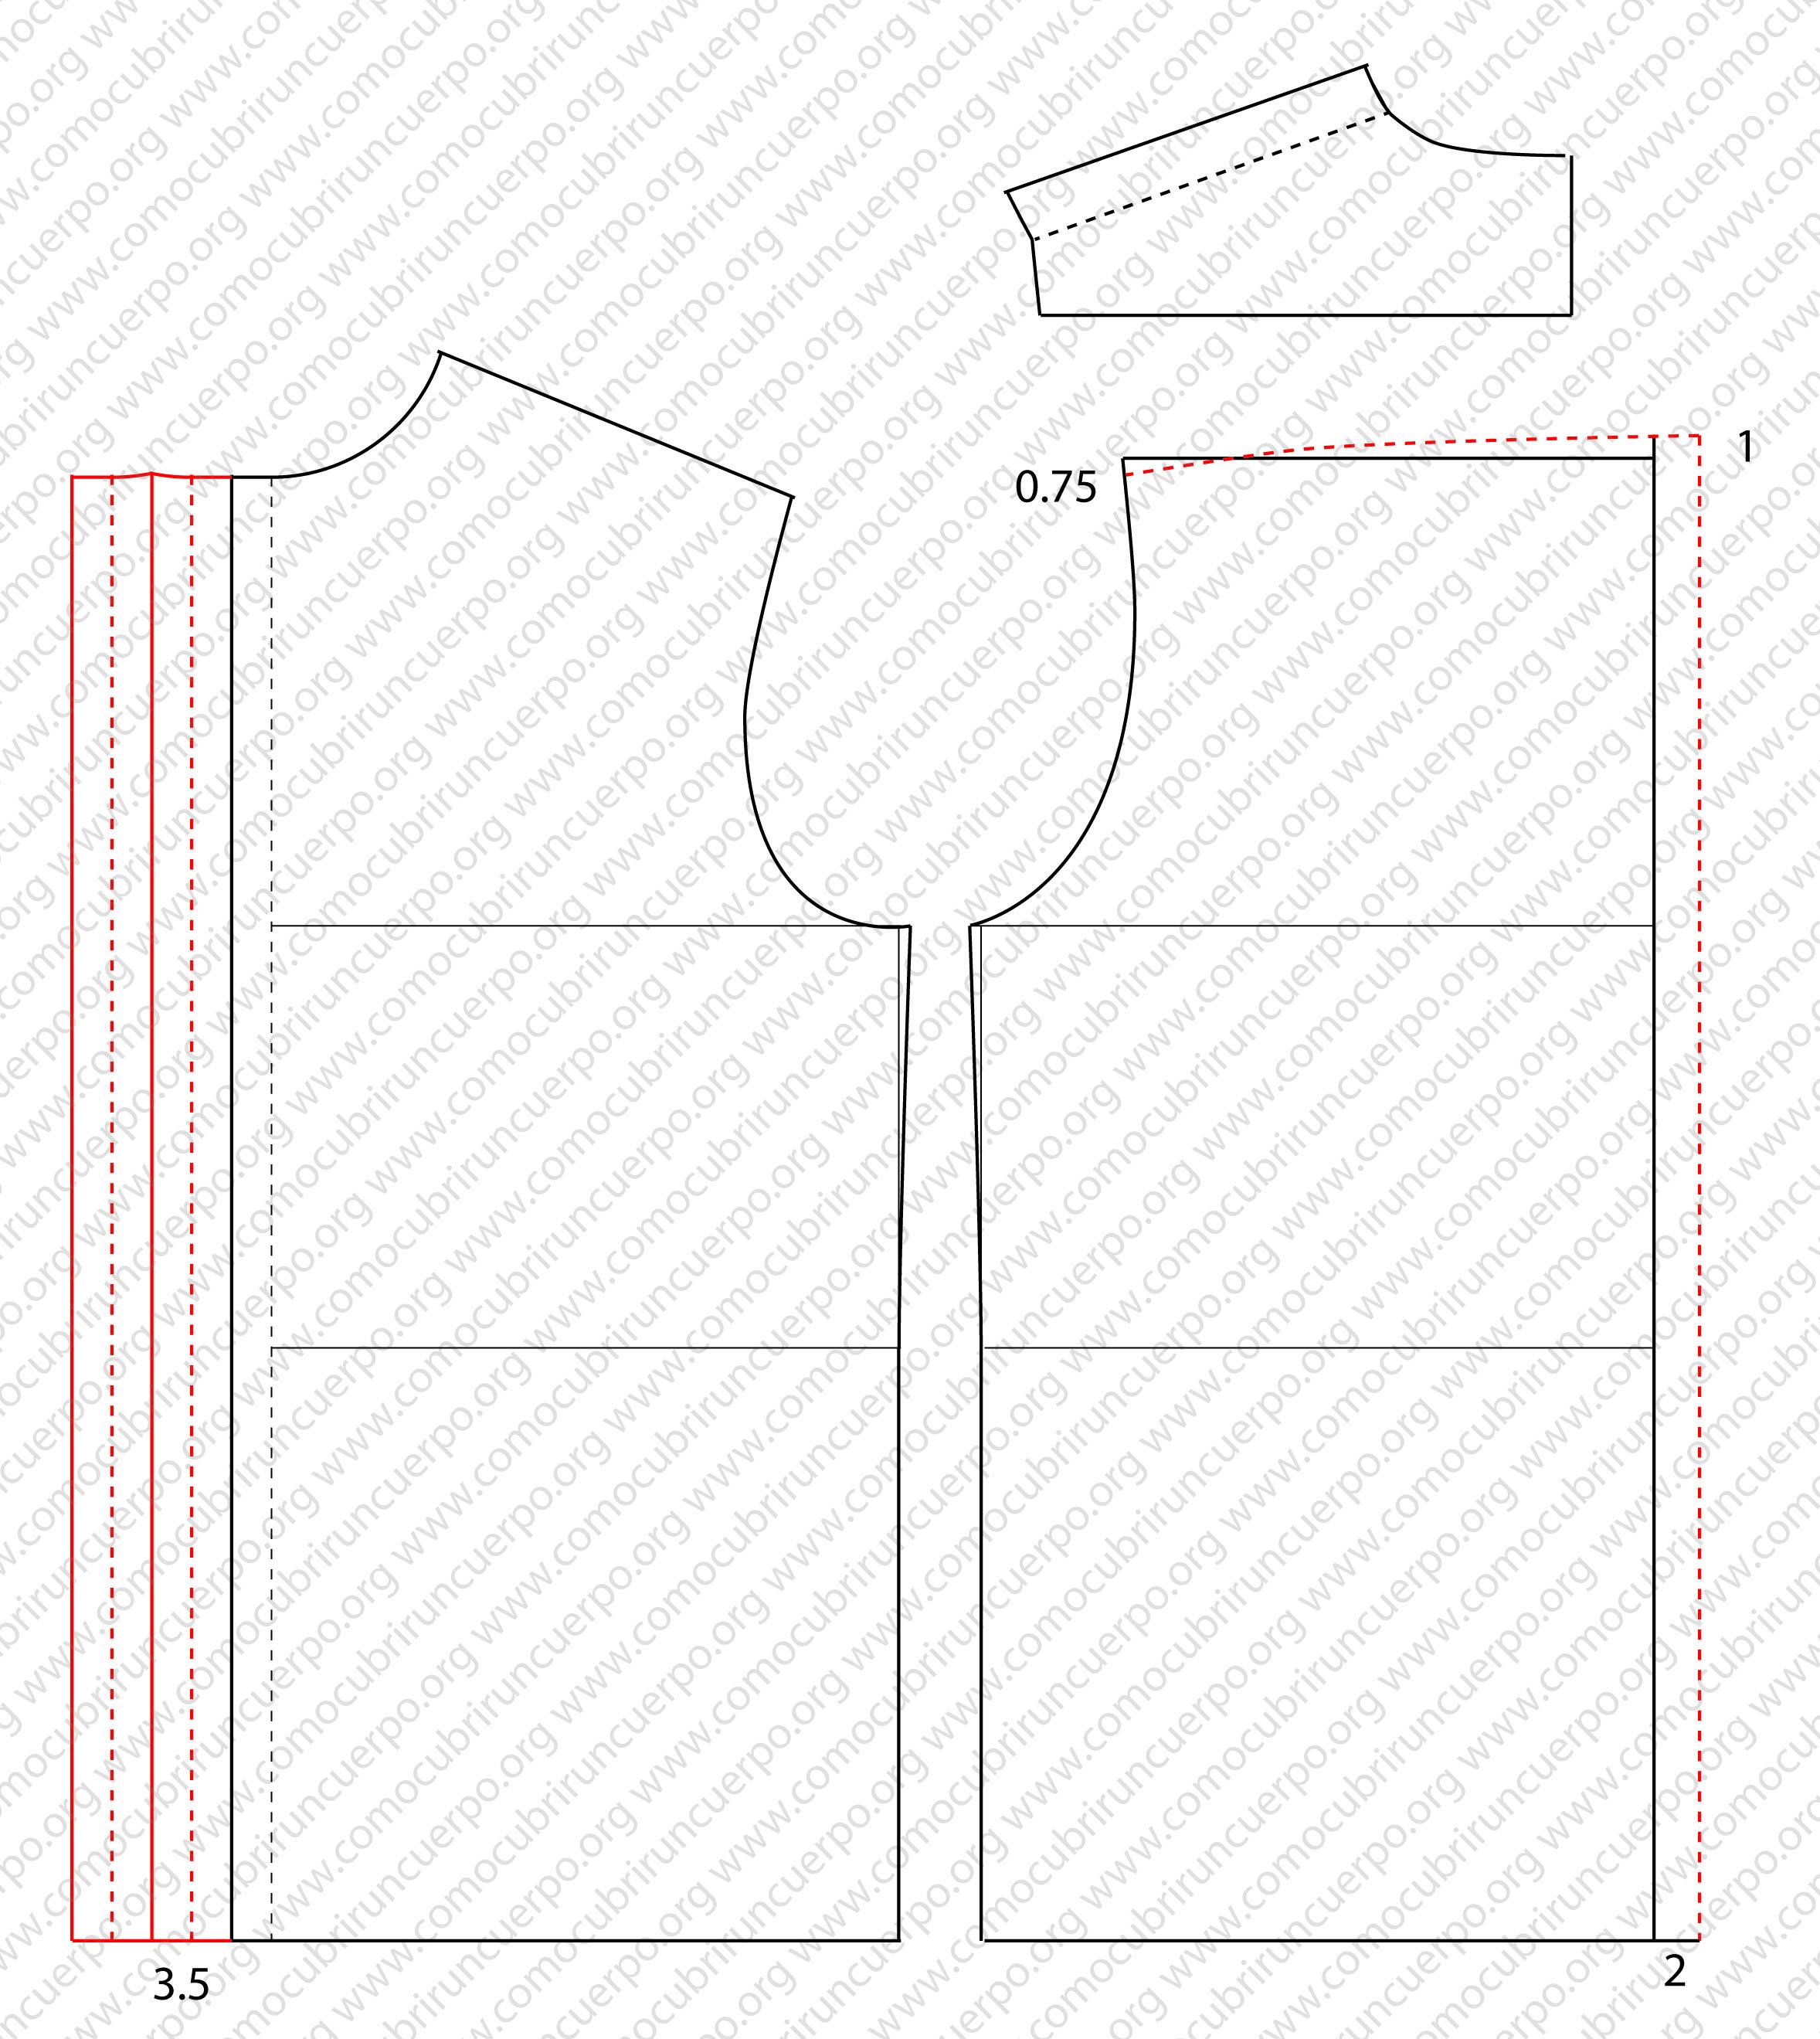 Trazado base de la camisa el cuerpo | Cómo cubrir un cuerpo